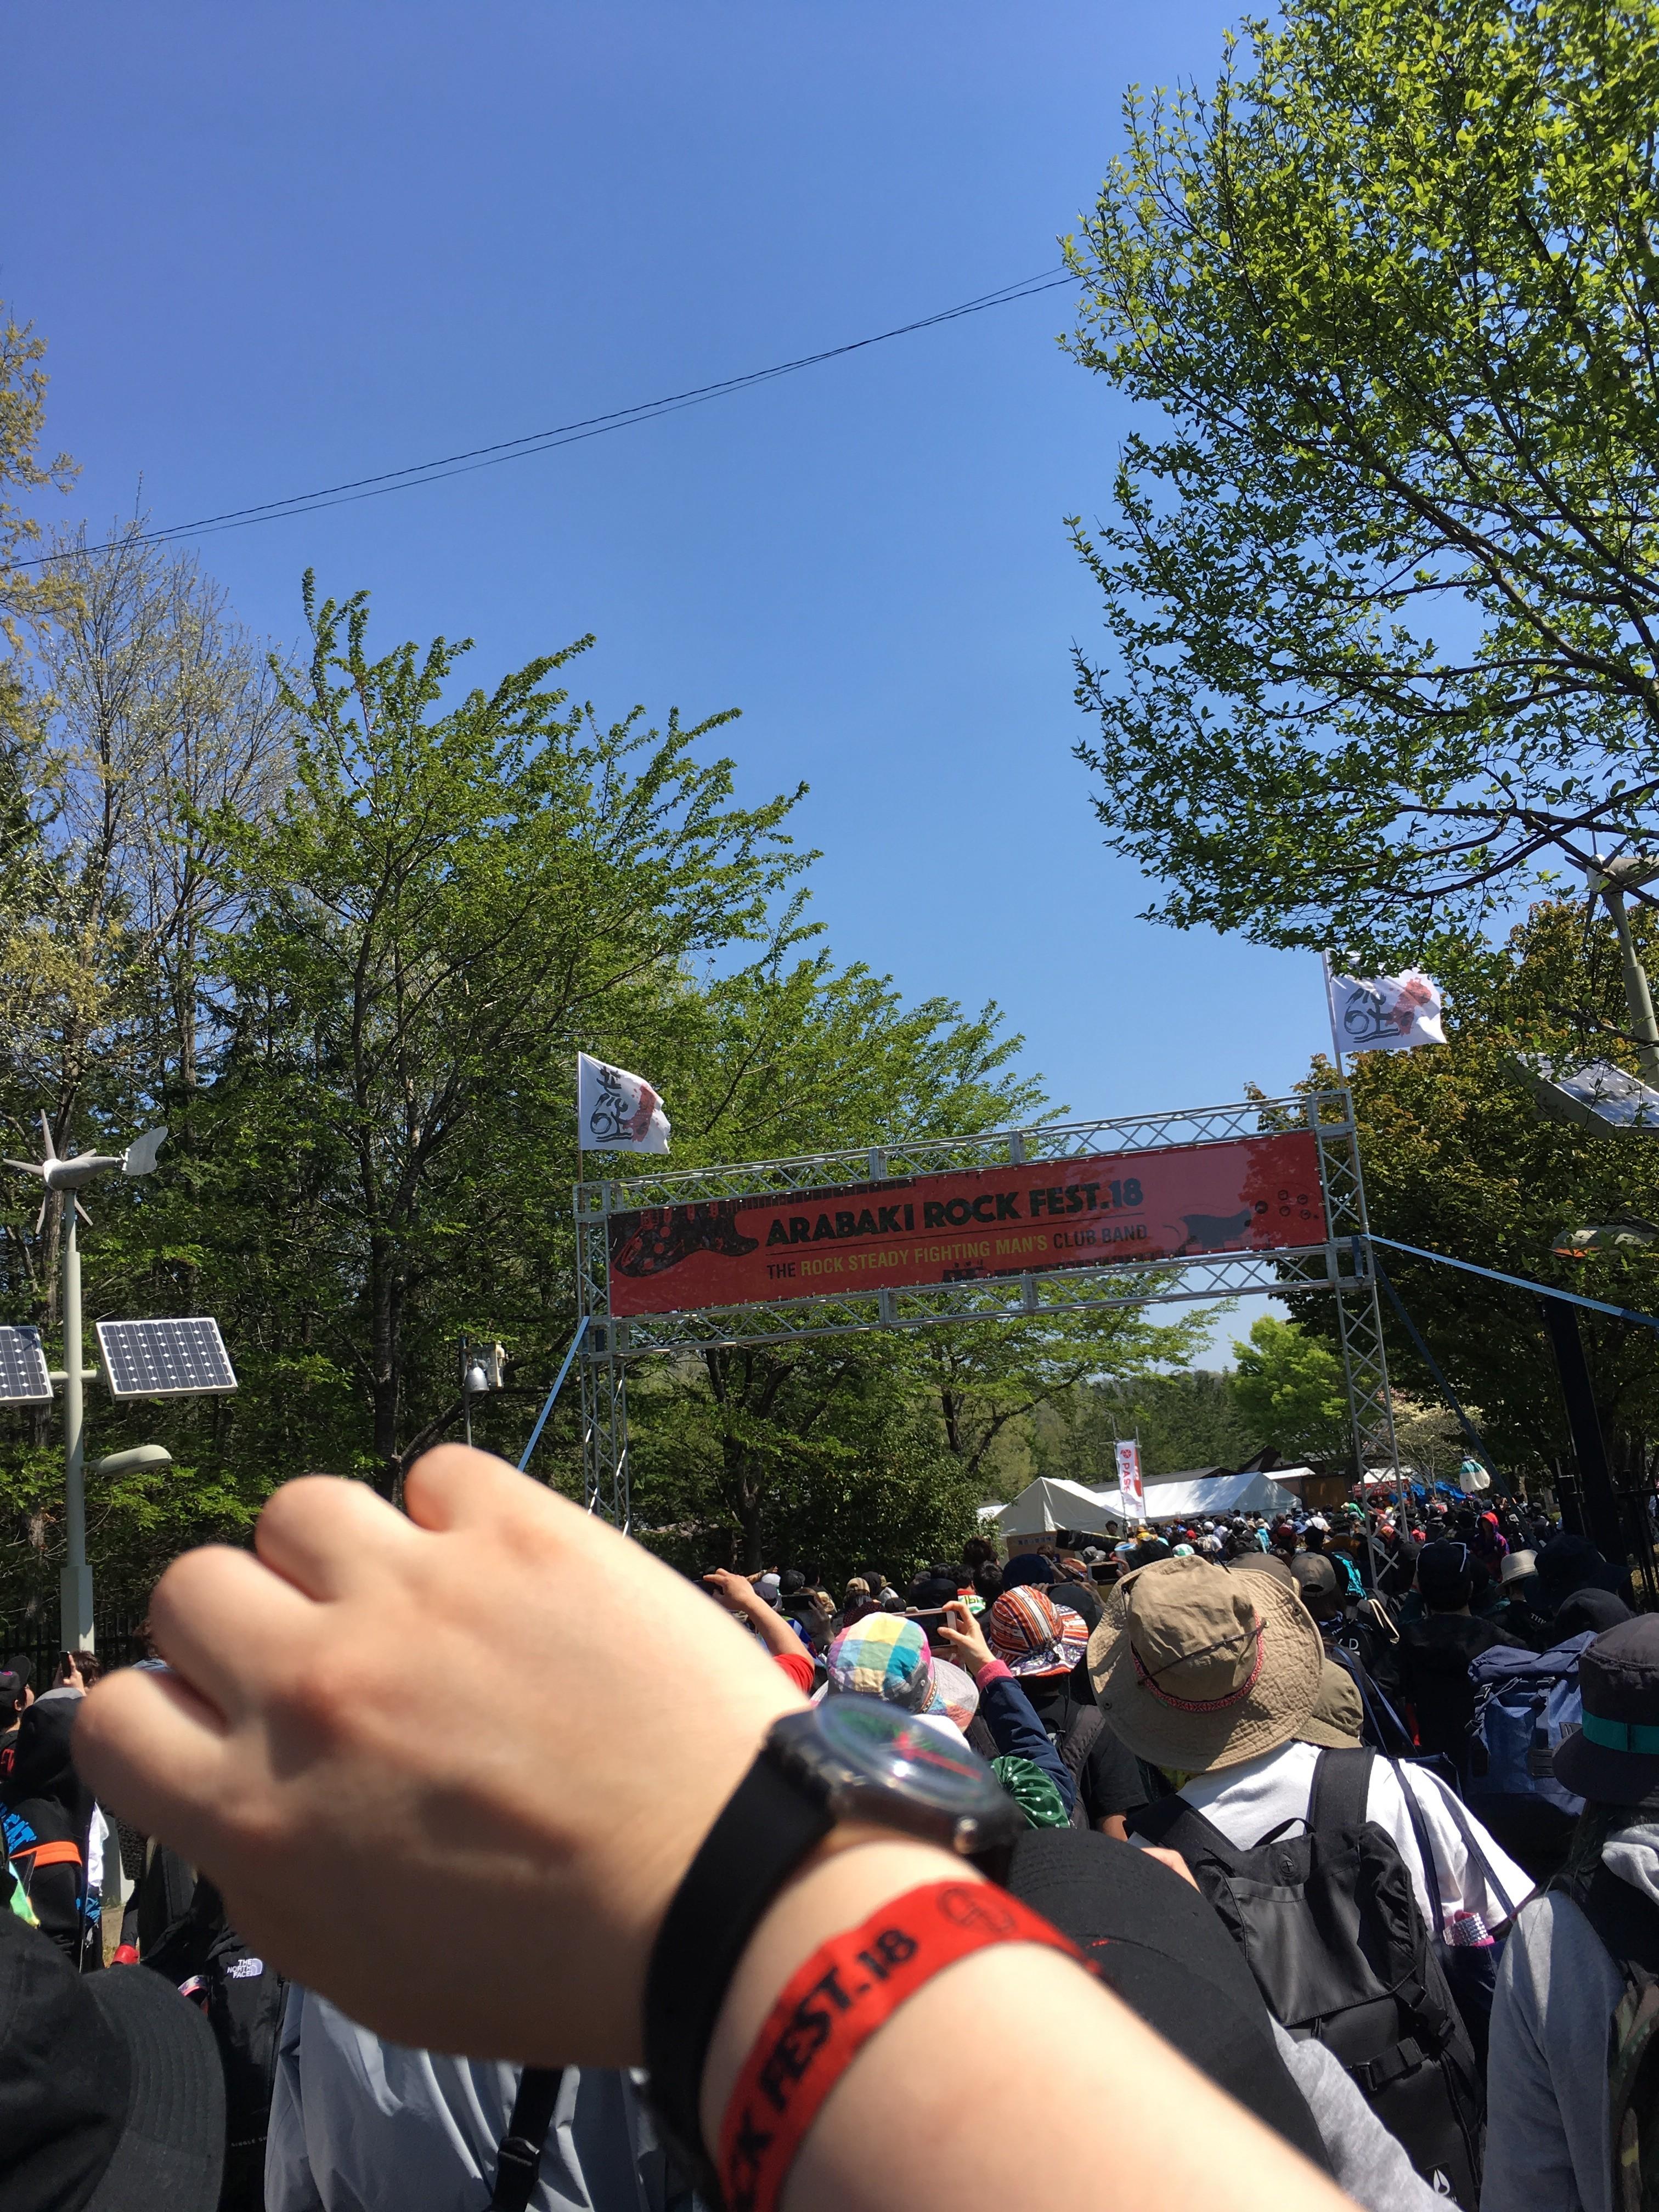 【春フェス】宮城県の音楽フェスARABAKI  ROCK FEST!!